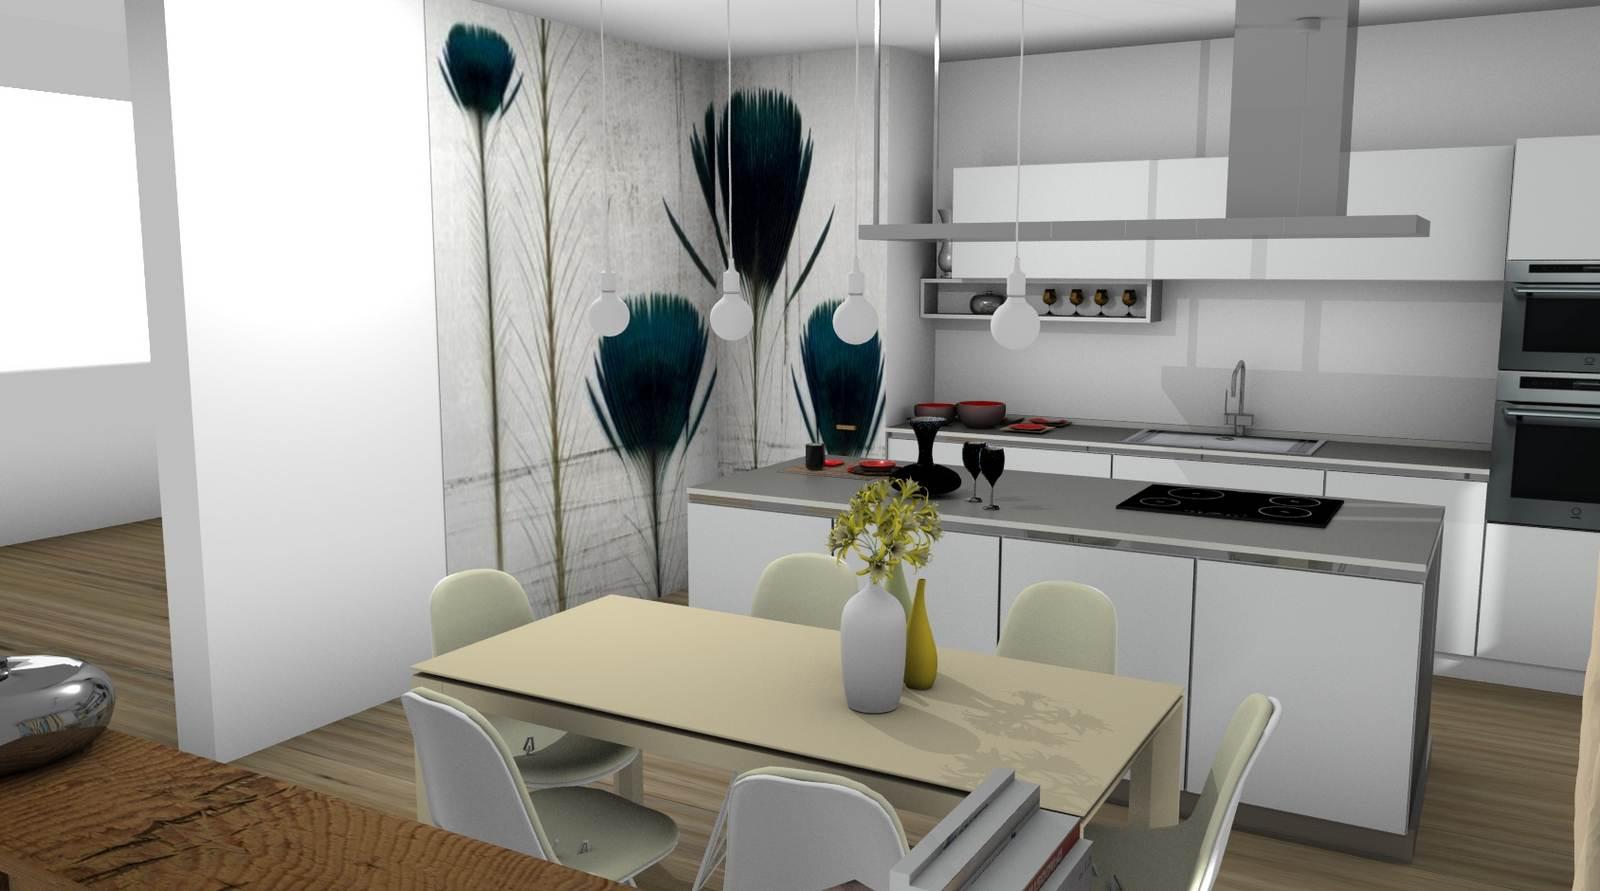 cucina One Ernestomeda rendering 6